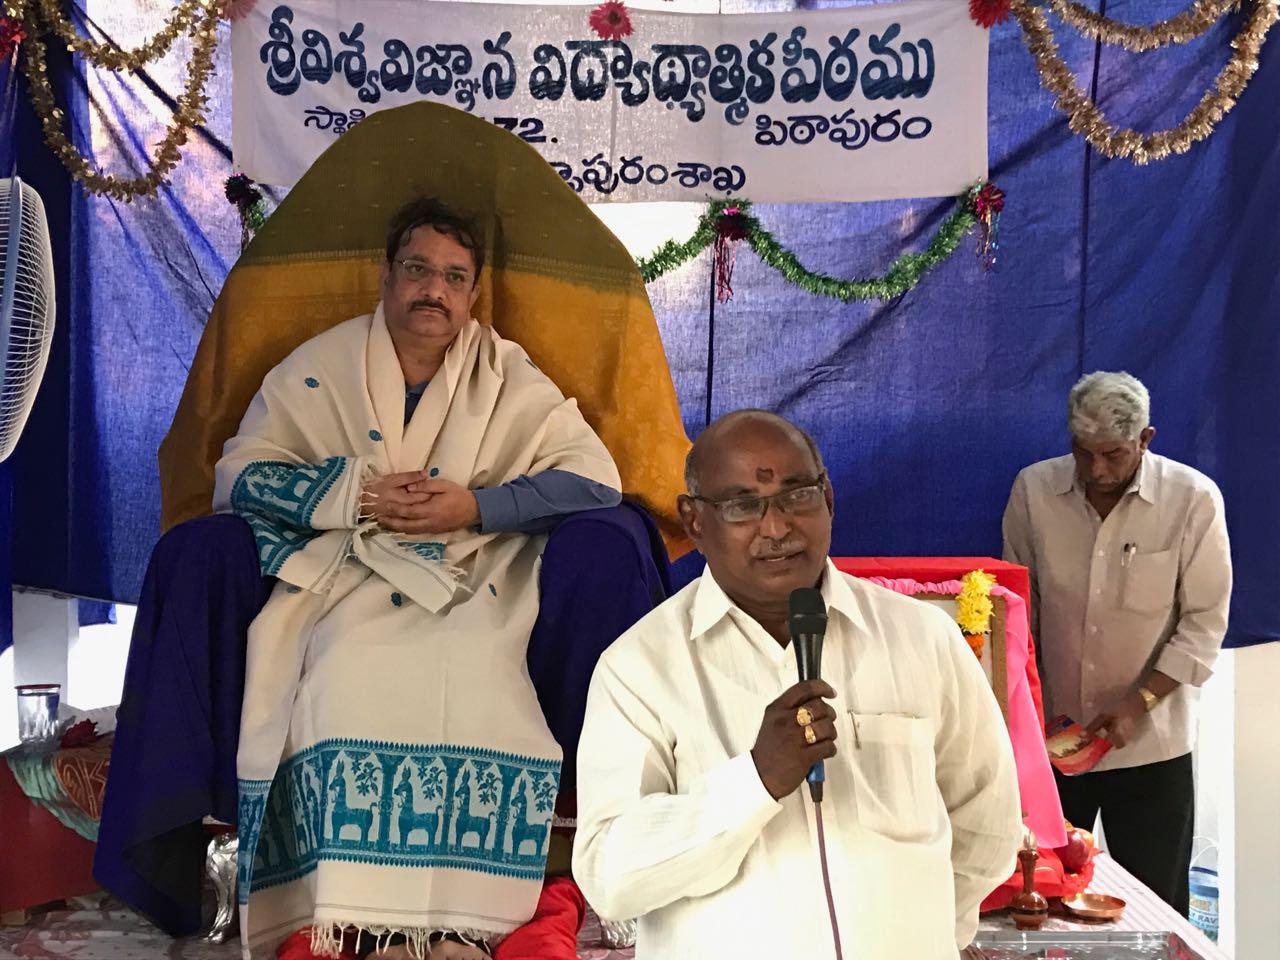 Bheeshmha Ekadasi Sabha At Narsapuram Sri Viswa Viznana Vidya Aadhyatmika Peetham